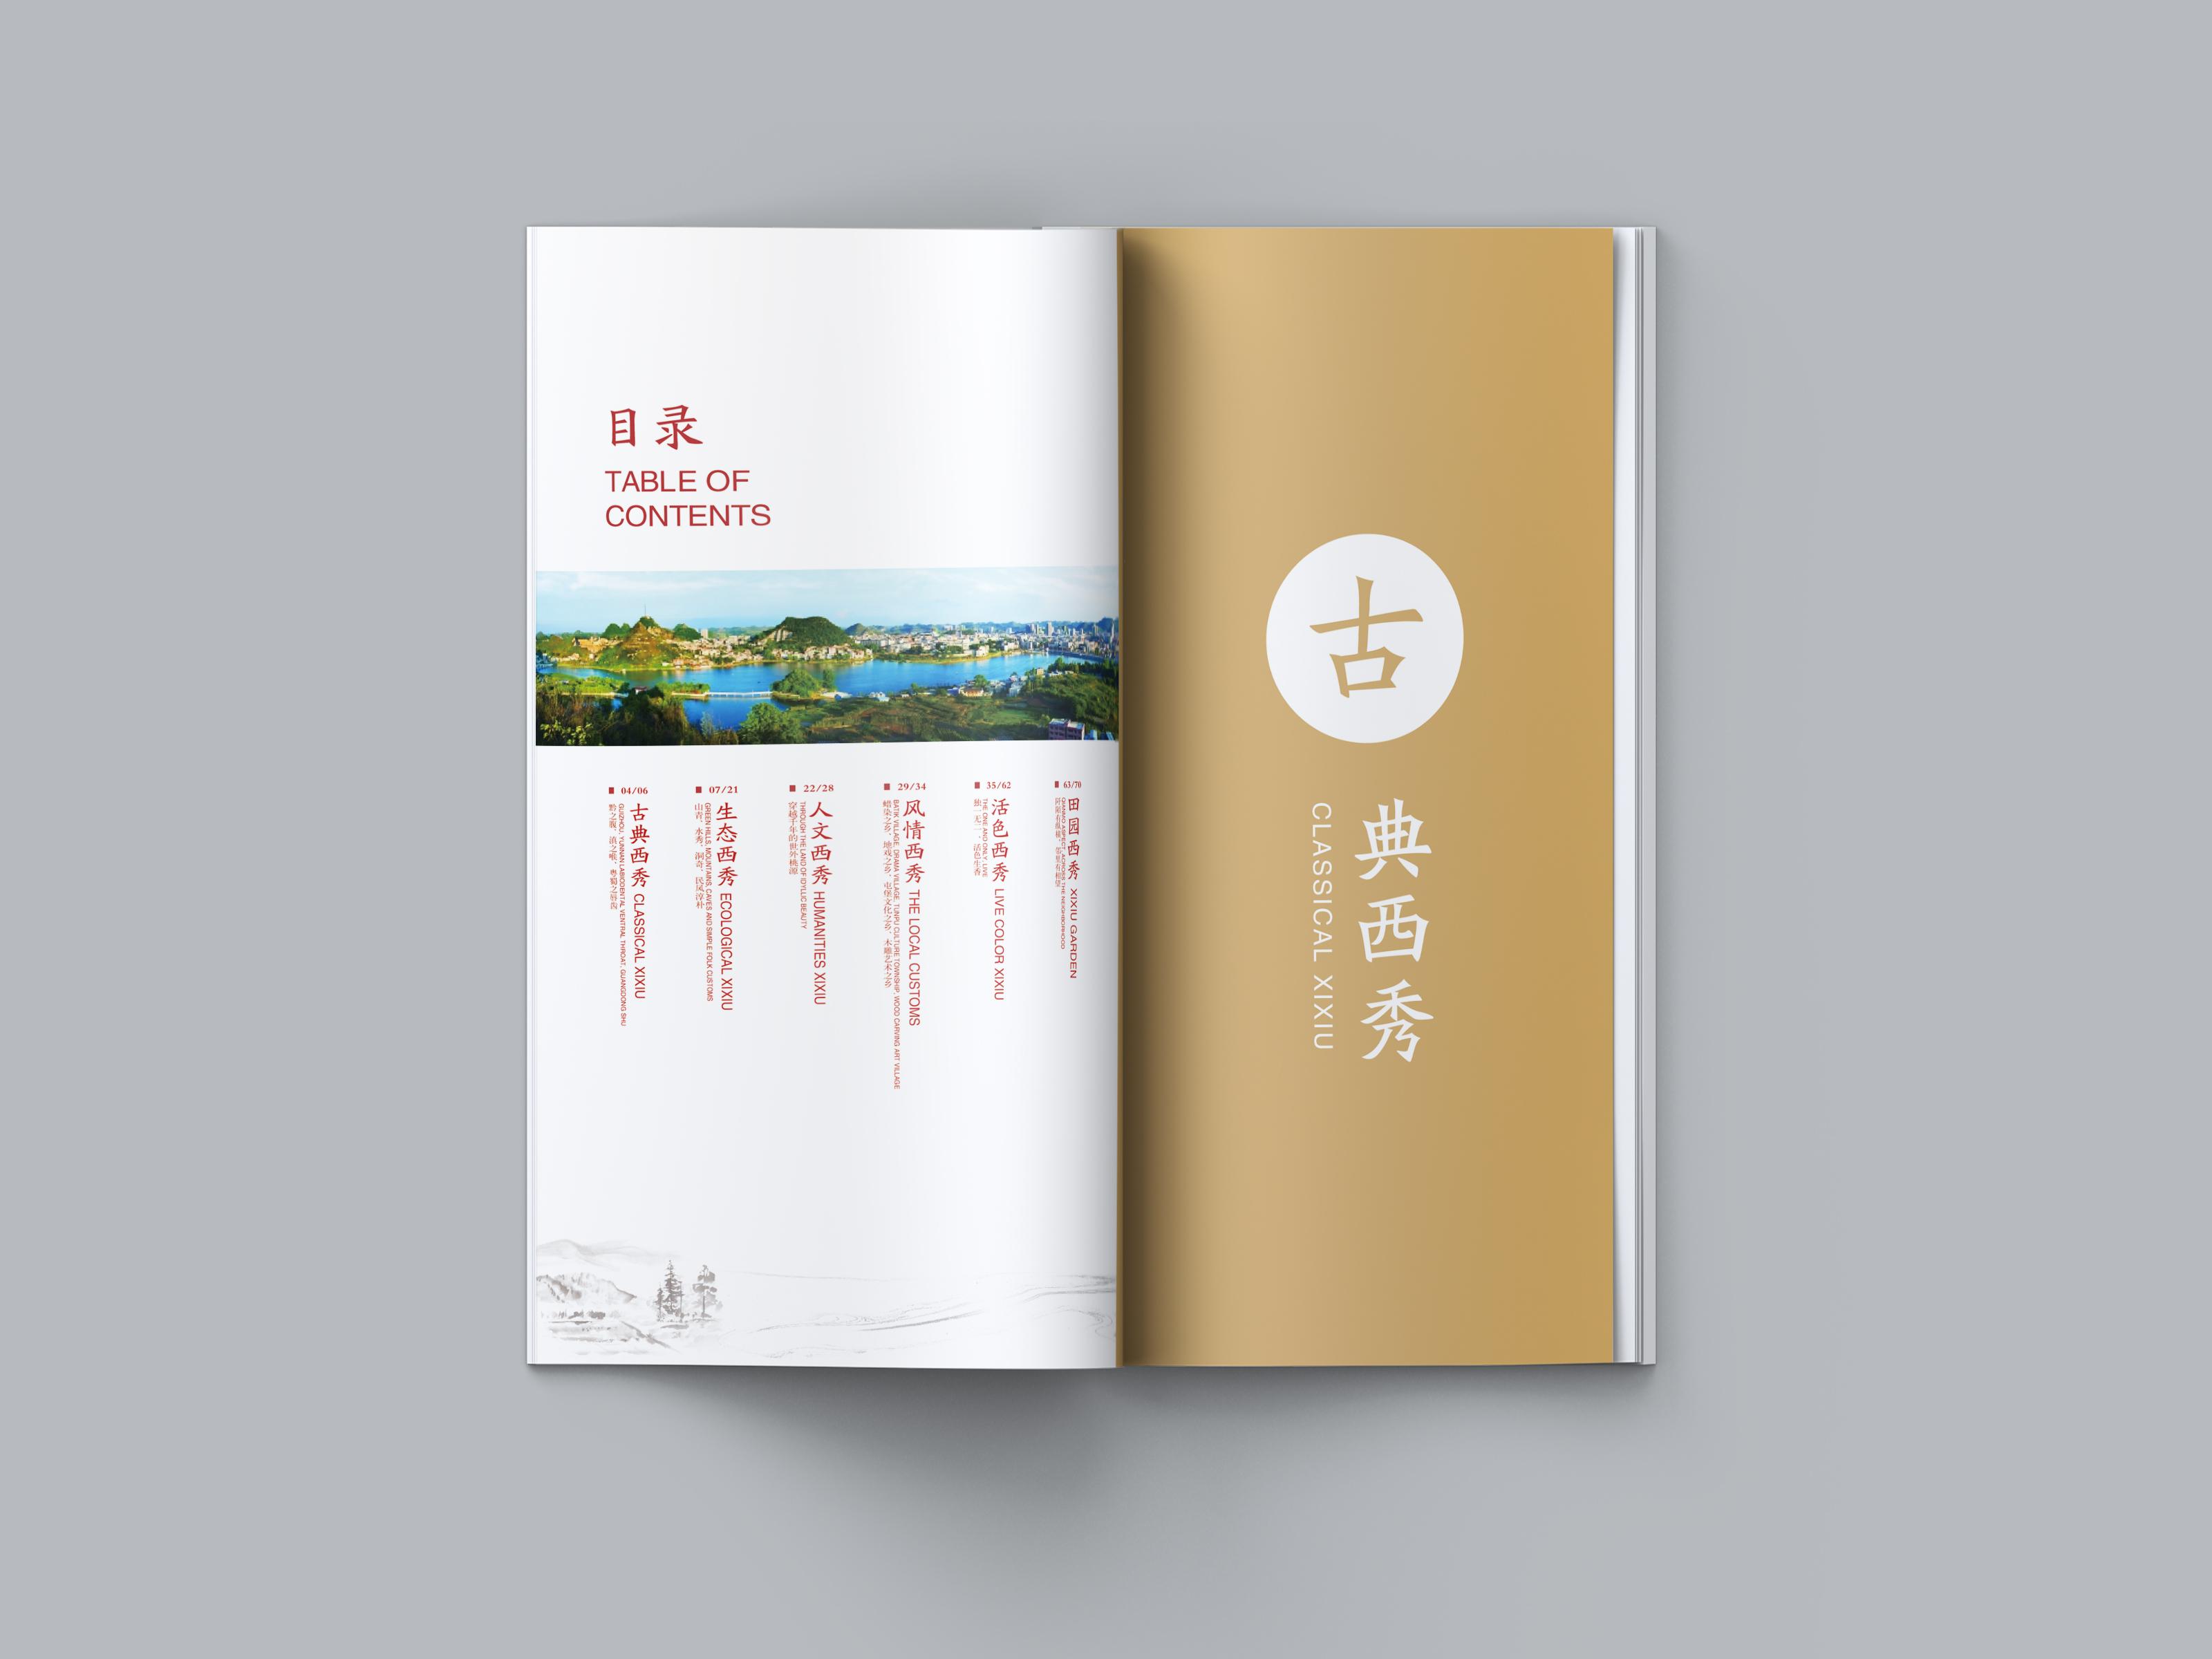 包装 包装设计 设计 3200_2400图片